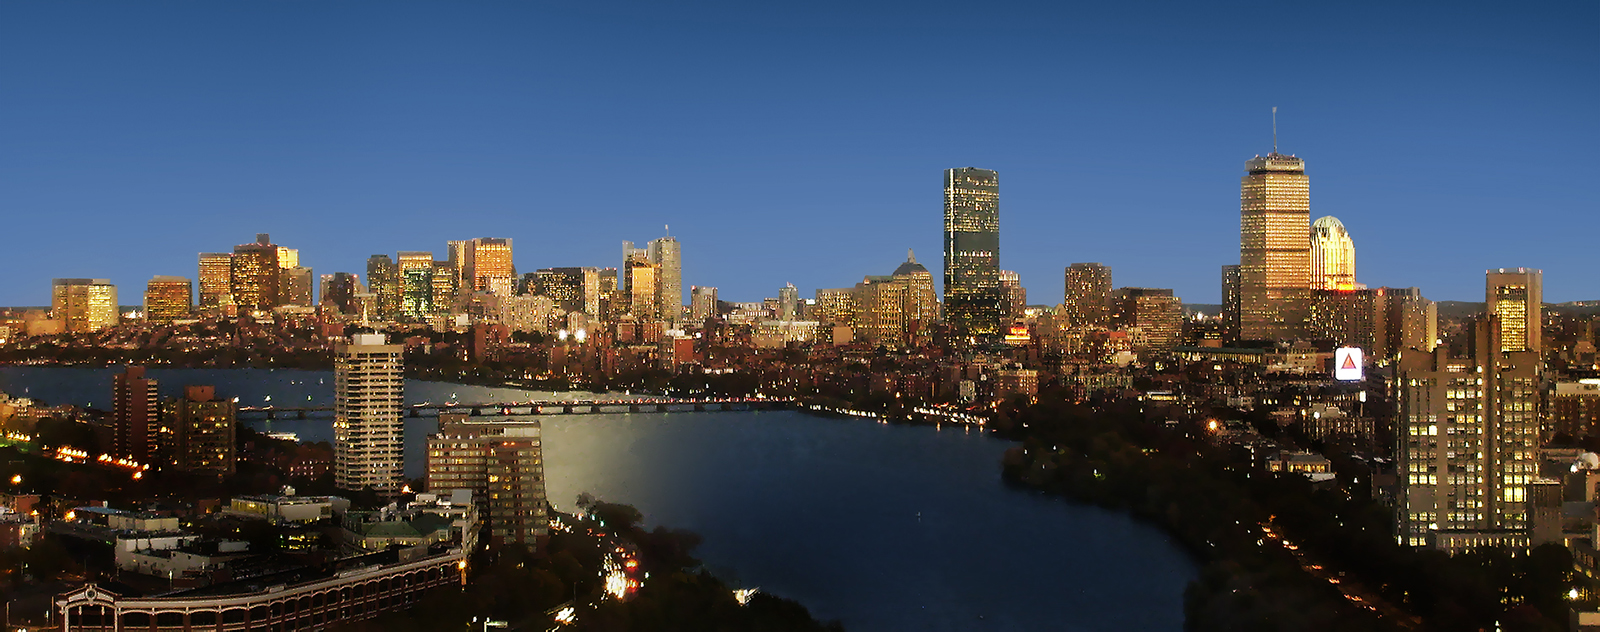 Visión panorámica de Boston. Imagen: Henry Han. Fuente: Wikipedia.